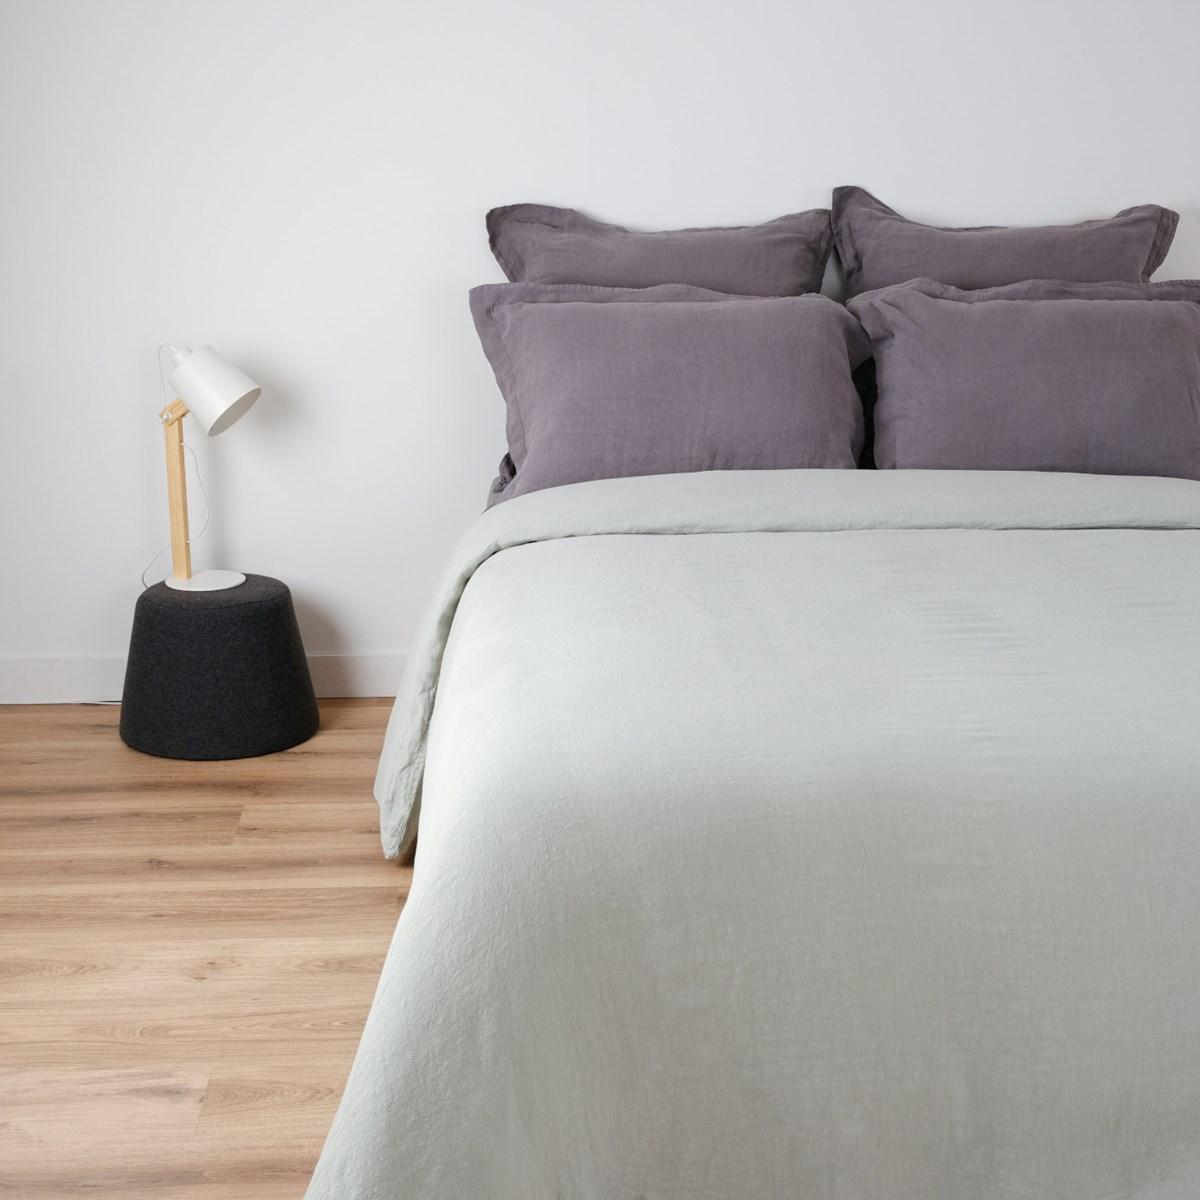 Housse de couette naturelle en lin gris clair 240x260 cm